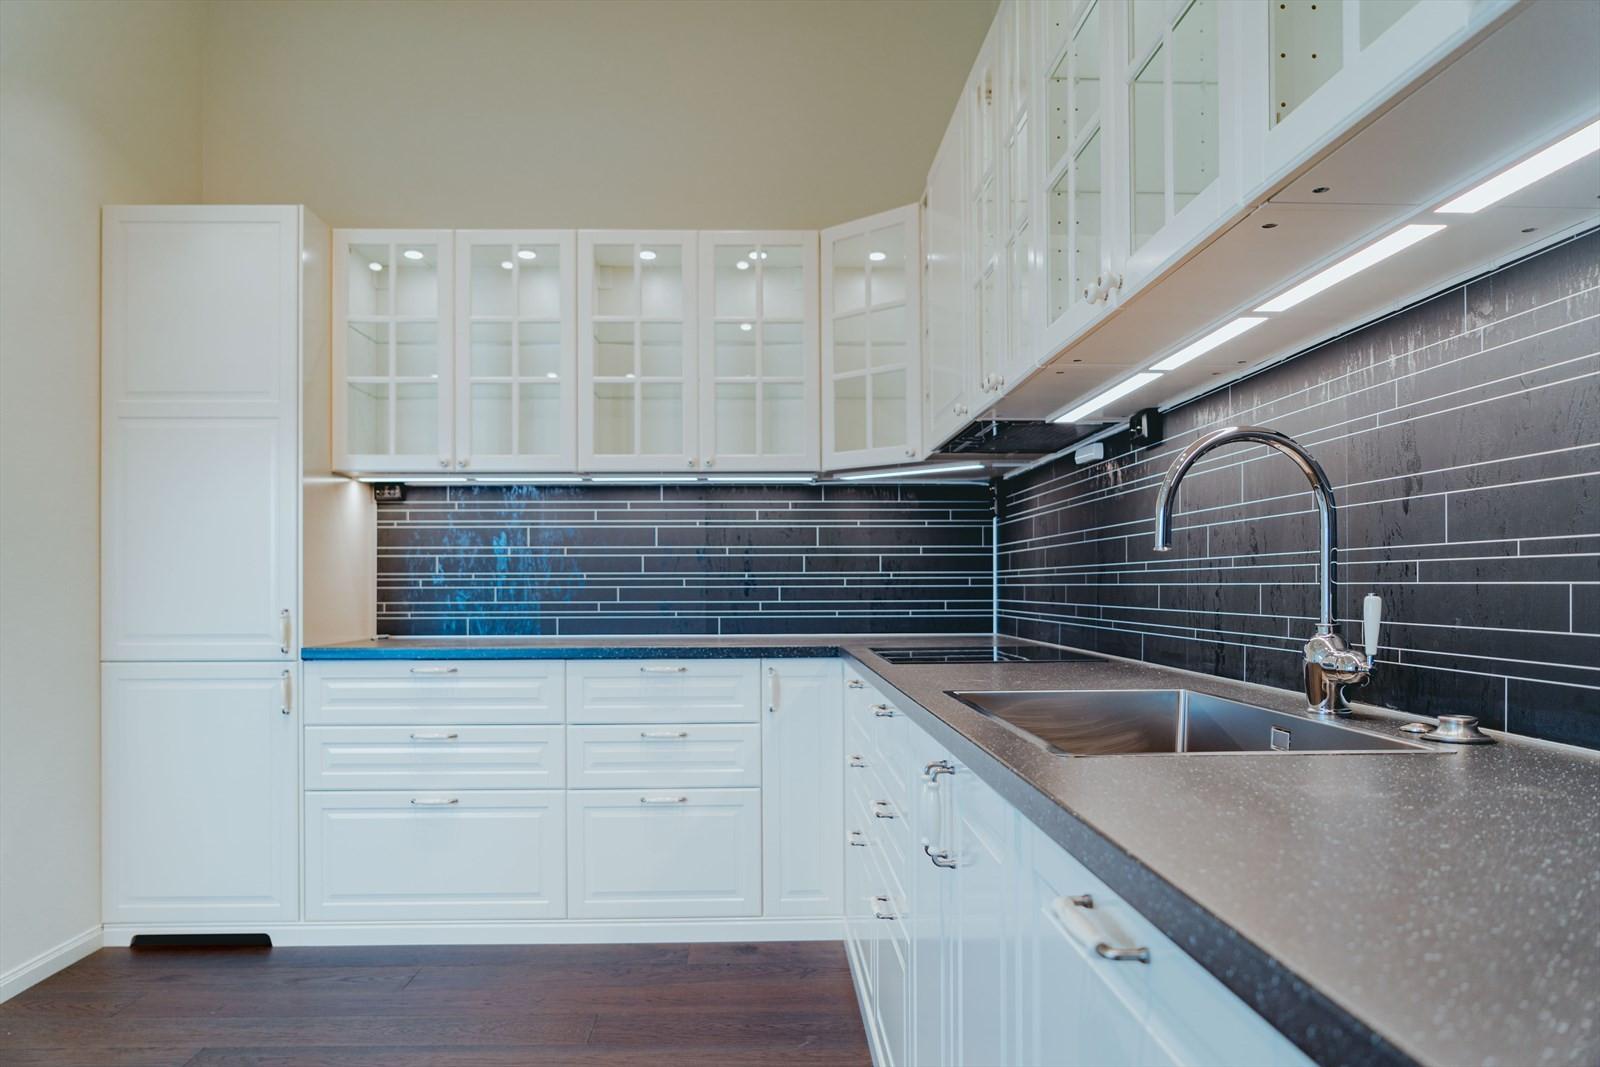 Belysning i tak, skap og over kjøkkenbenk